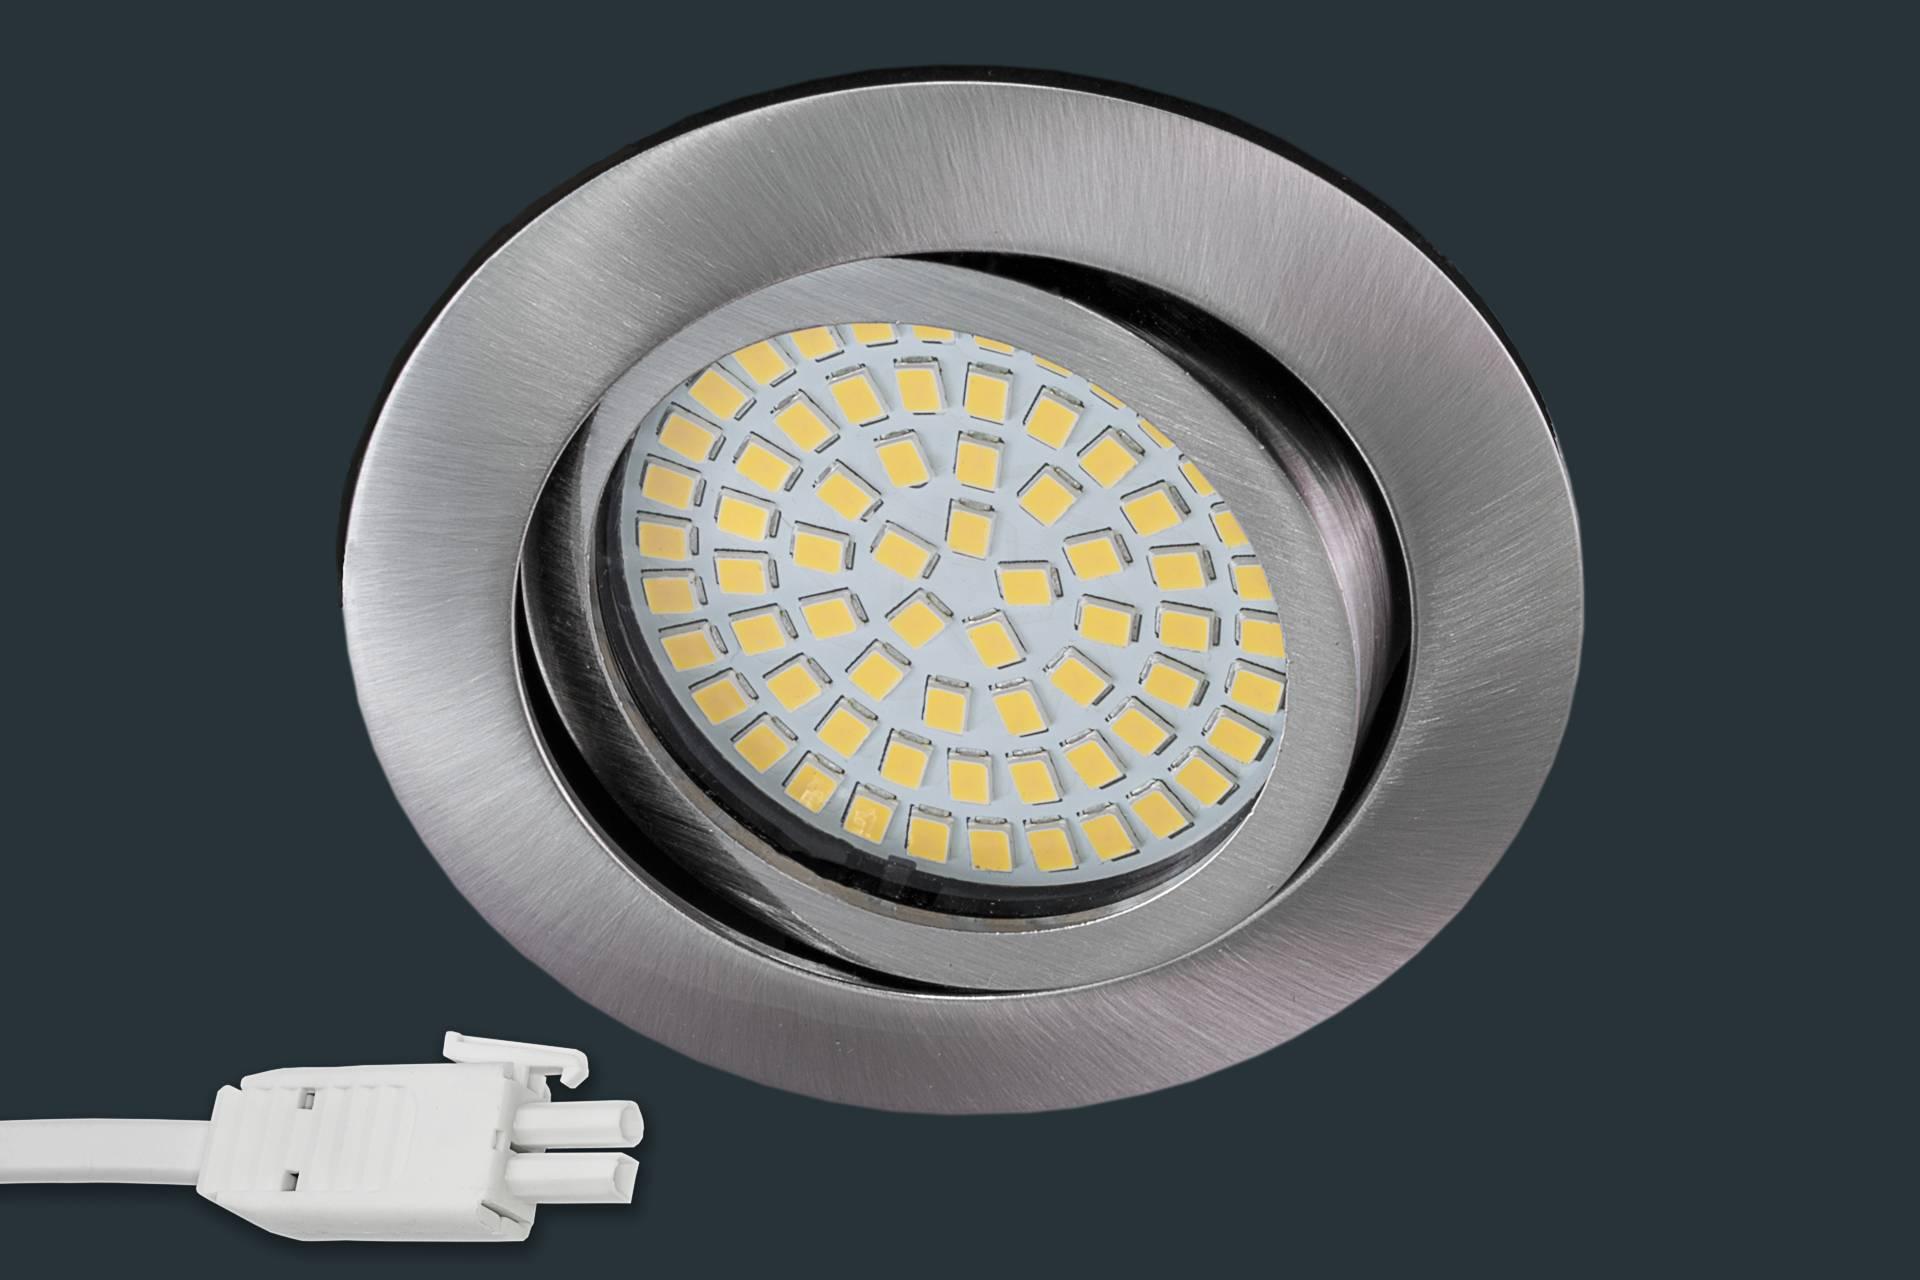 Ultra Flach LED Einbaustrahler 230V, rund, matt chrom | Leuchtenmarkt